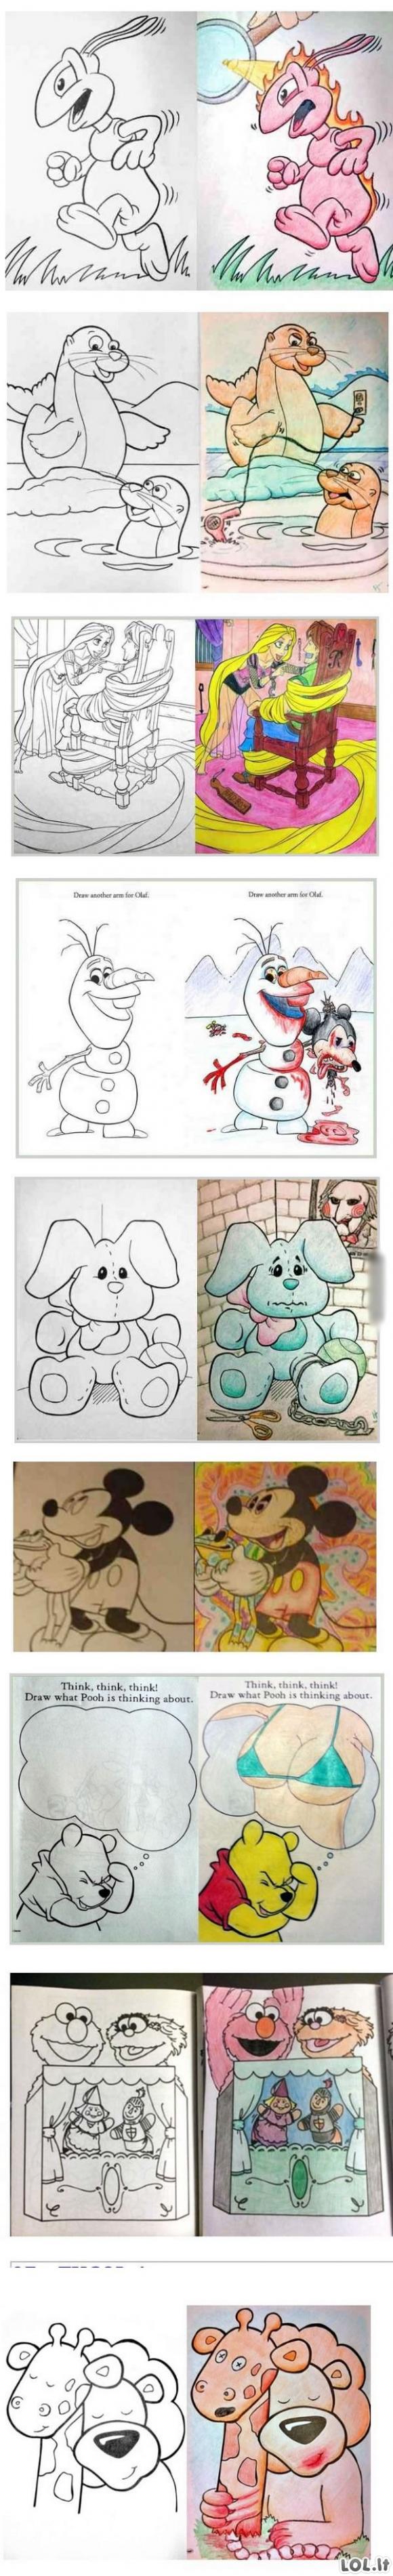 Kai vaikišką spalvinimo knygelę paima suaugęs